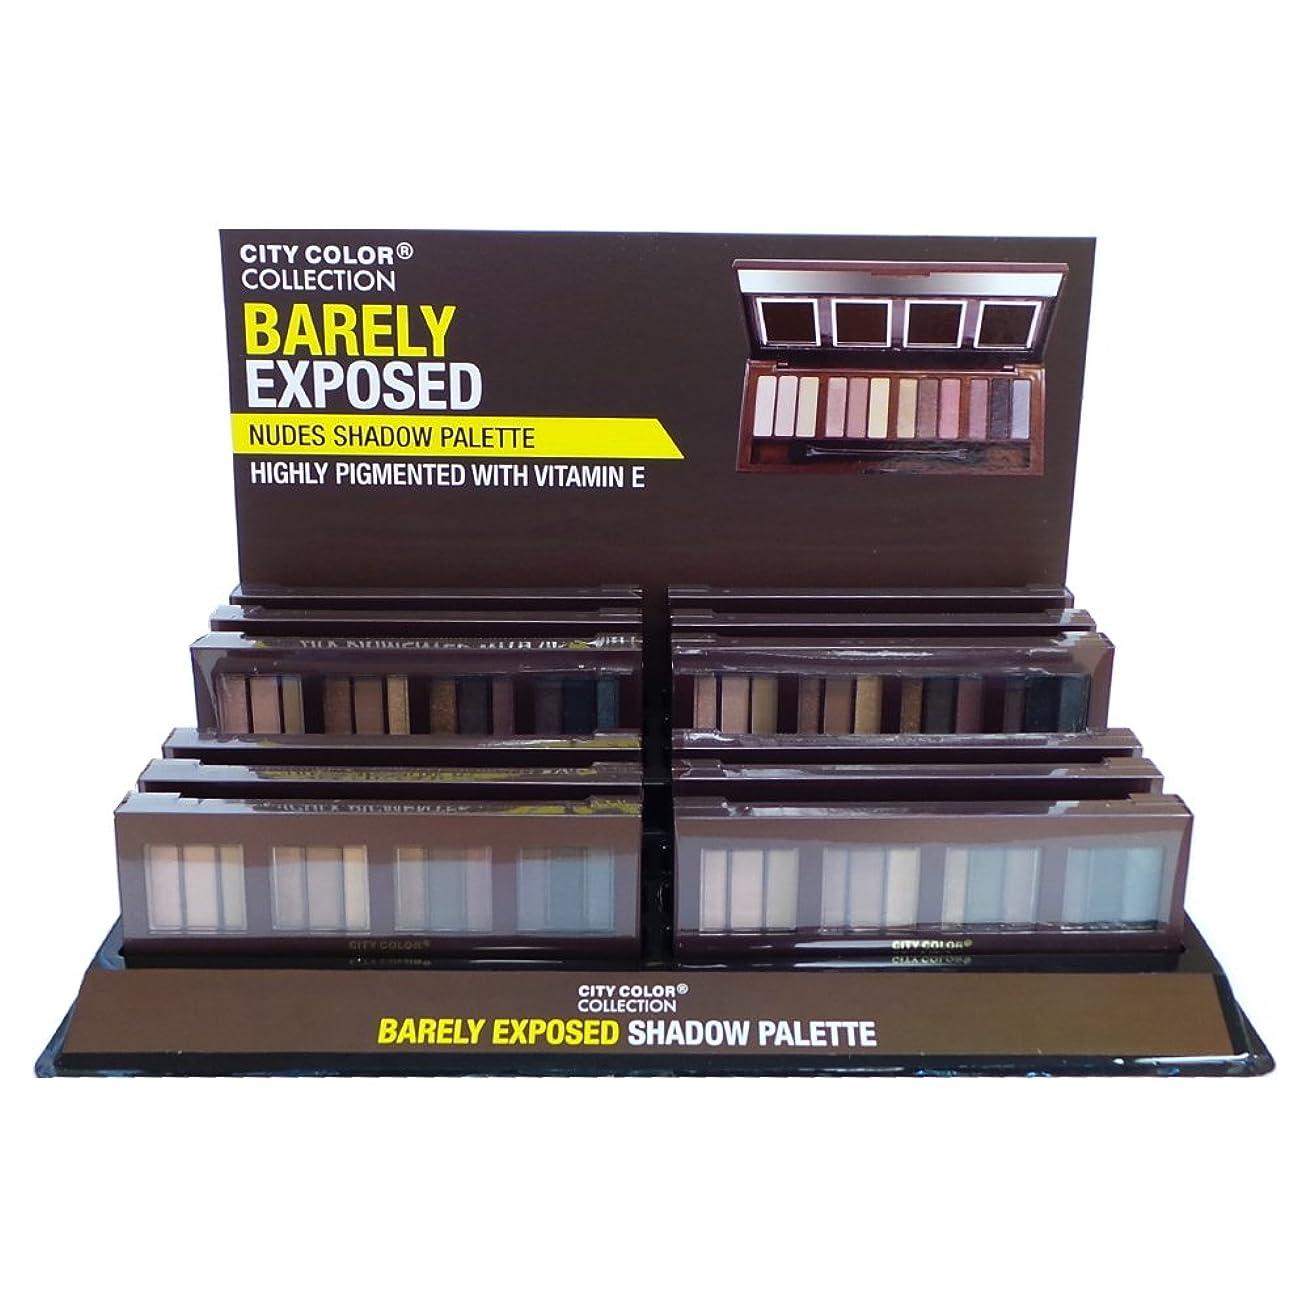 ホイットニーポルティコスマッシュCITY COLOR Barely Exposed Nudes Shadow Palette - Day/Night 12 Colors Display Case Set 12 Pieces (並行輸入品)